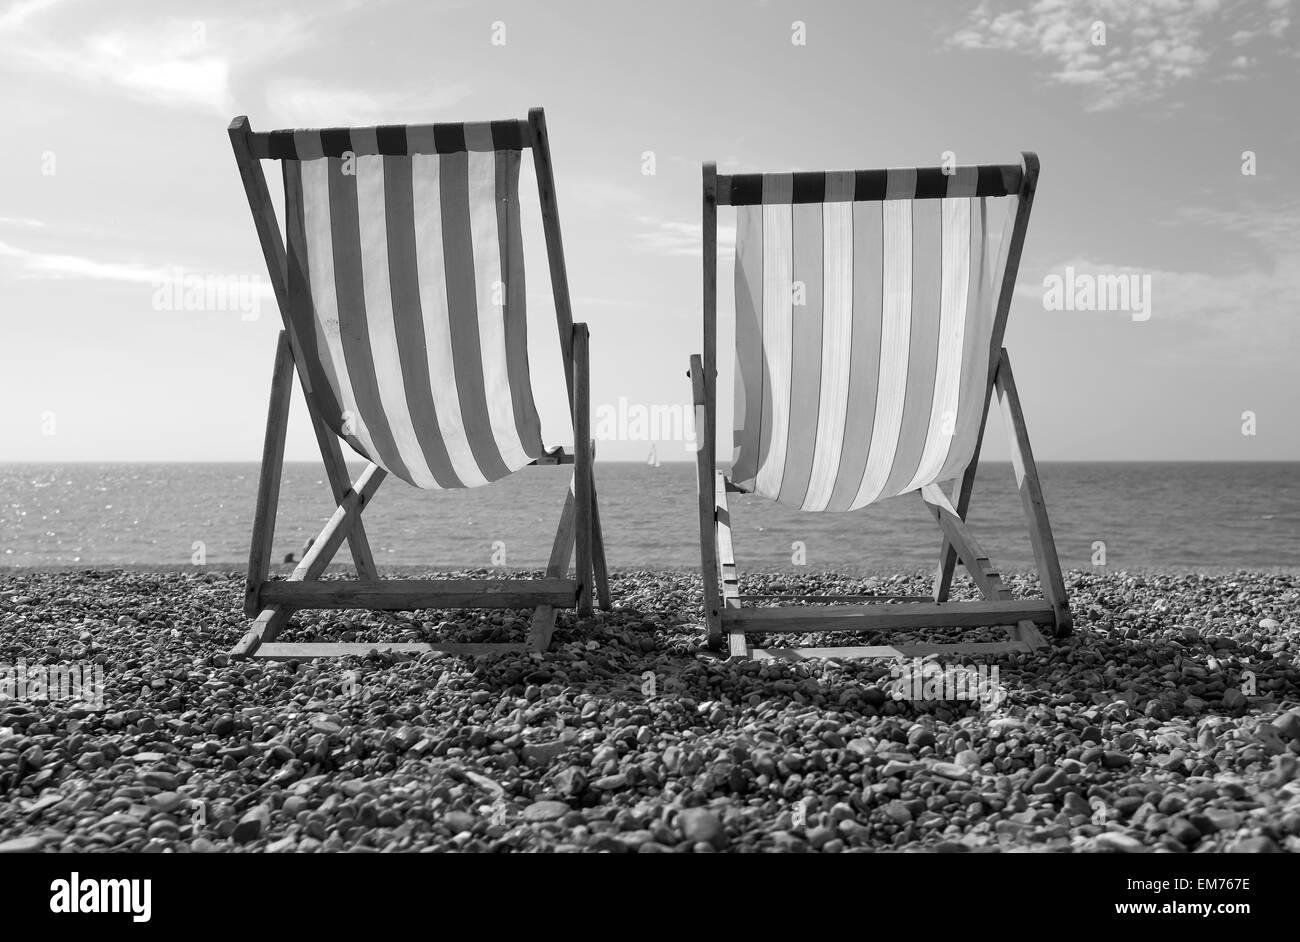 La plage de Brighton, de chaises longues sur la plage avec un seul bateau à voile à l'arrière Photo Stock